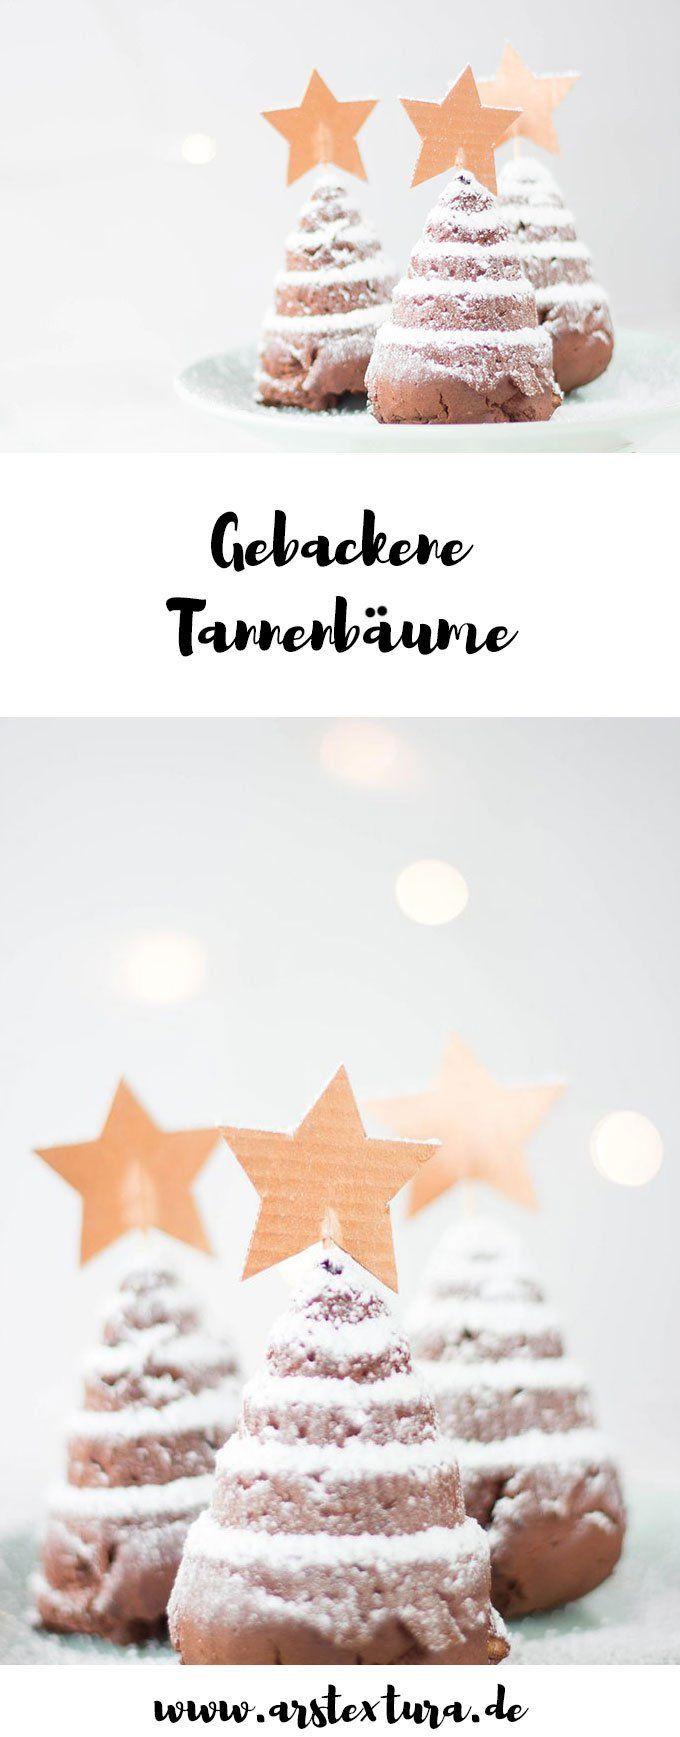 Gebackene Tannenbäume - ein leckeres Weihnachtsrezept